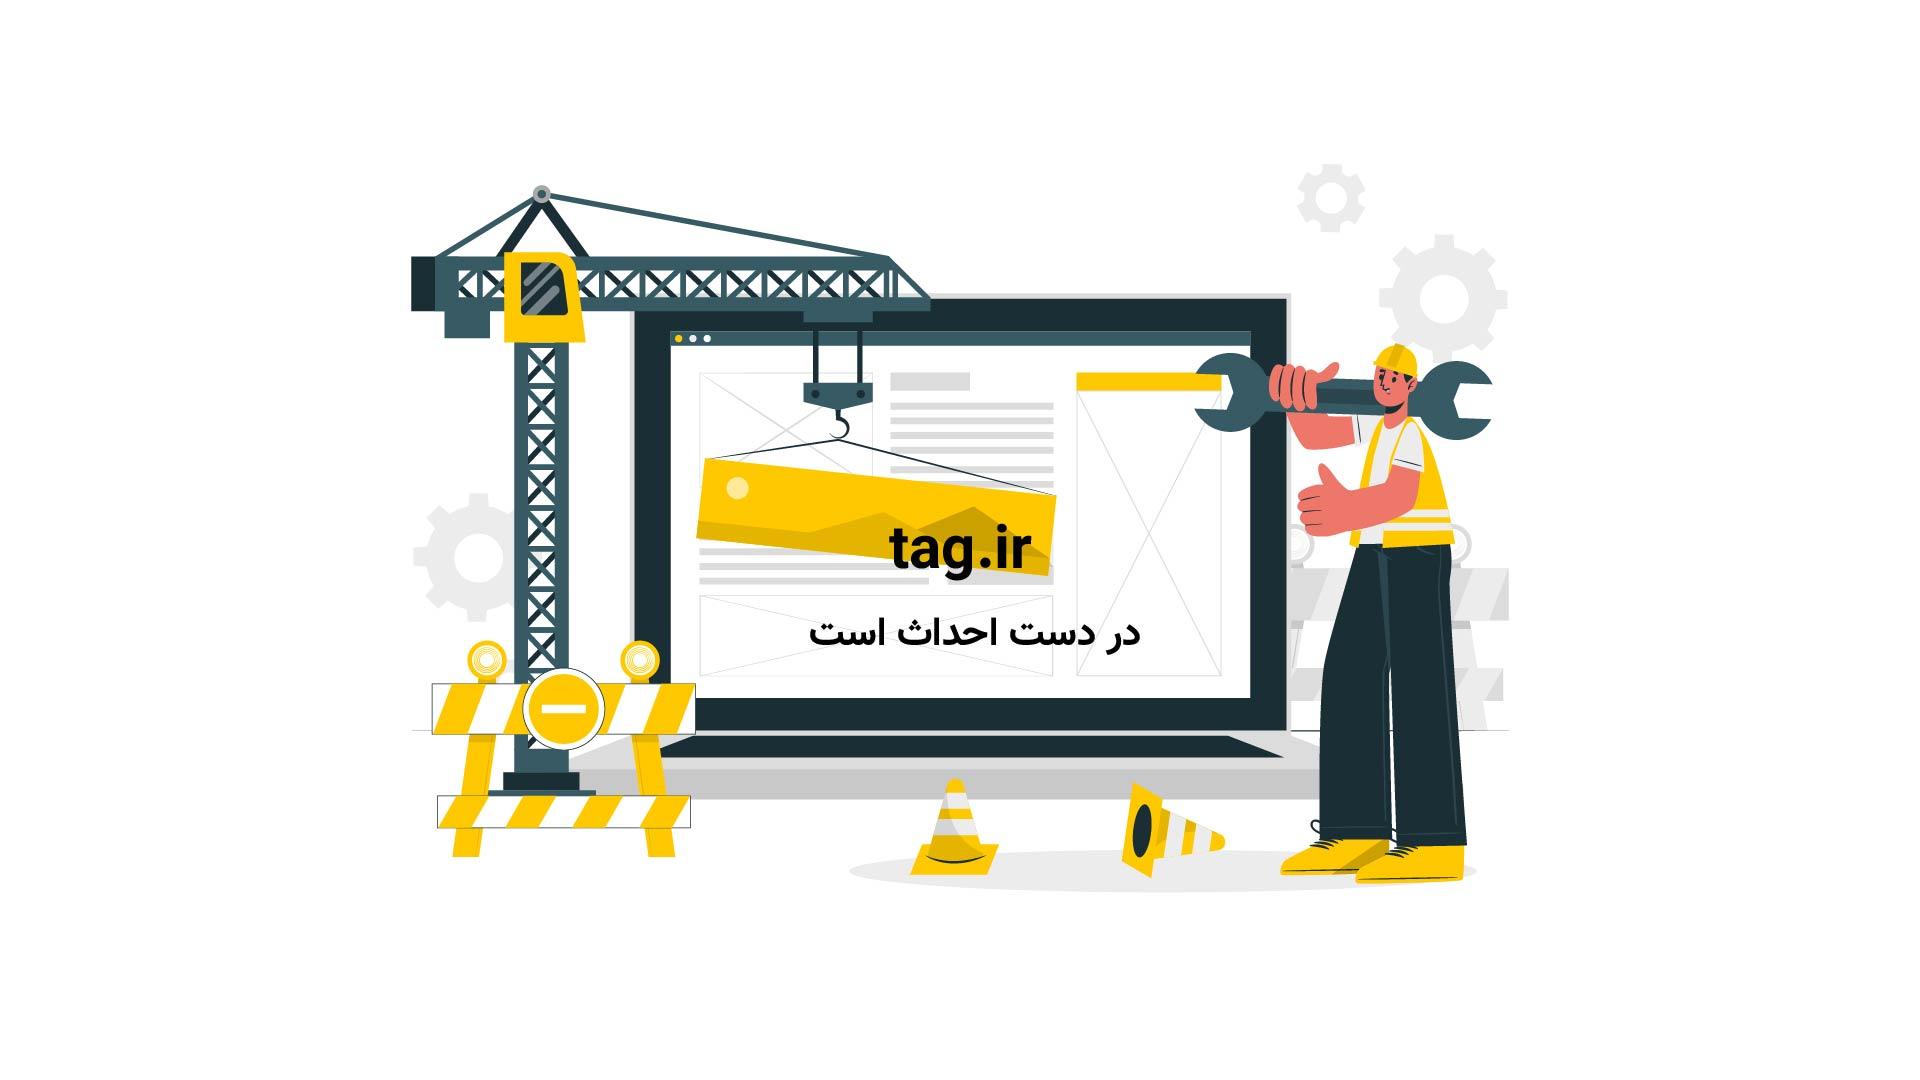 روستا تاریخی ترکان در استان یزد | فیلم